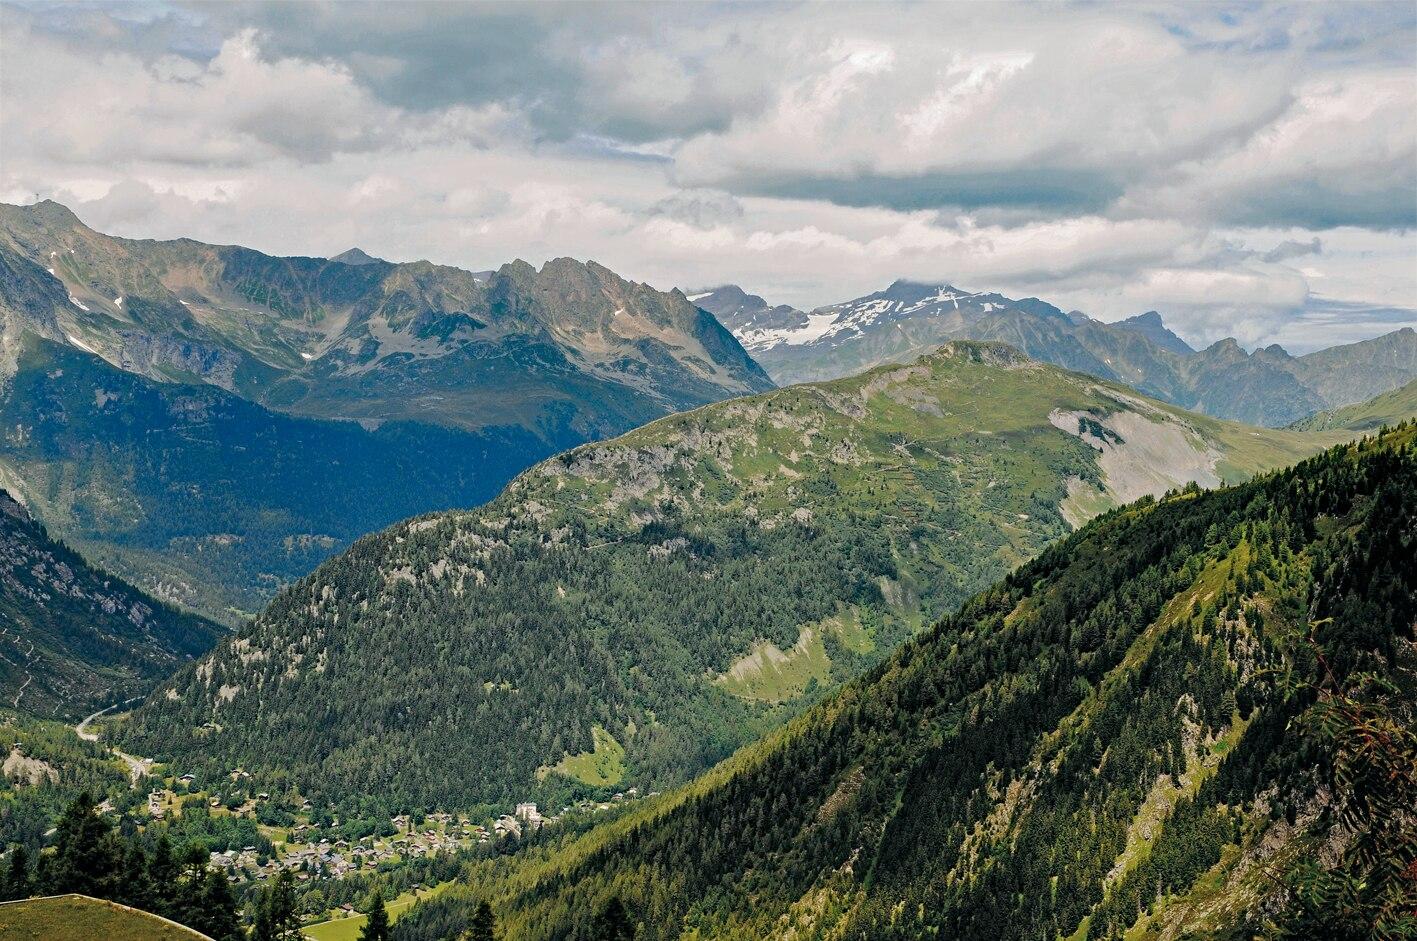 Klettersteig Chamonix : ▷ wandern lac blanc über den klettersteig bergwelten